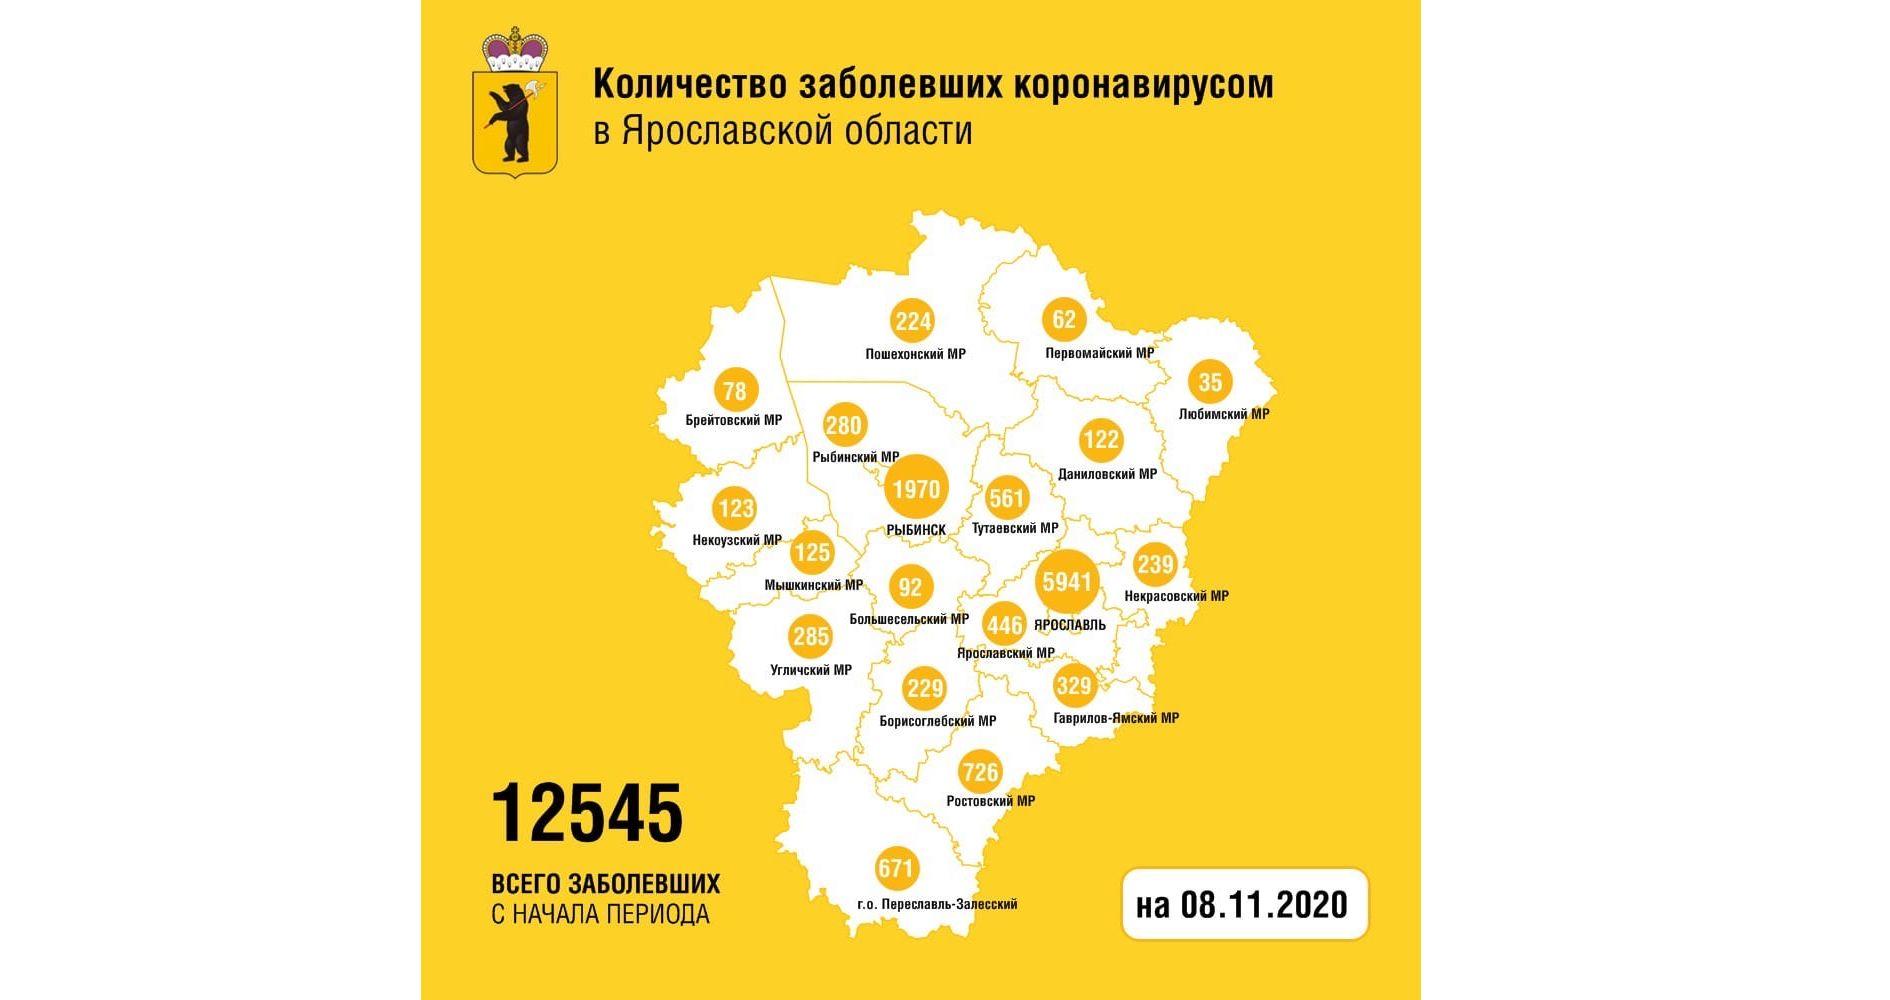 Еще 75 жителей Ярославской области вылечили от коронавируса